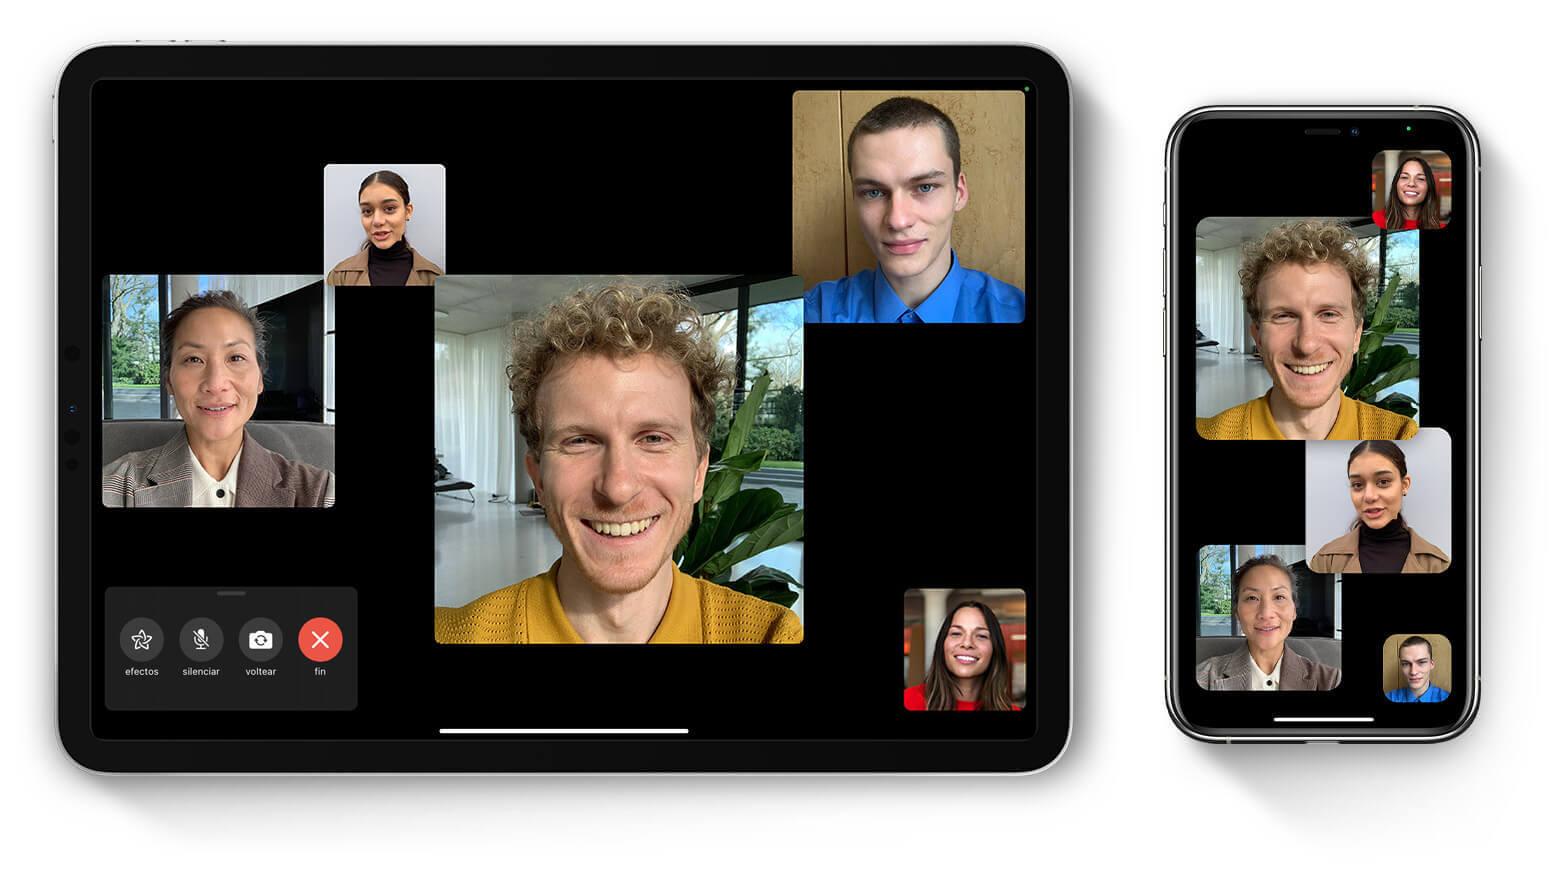 Programa de videoconferencias gratis: Facetime